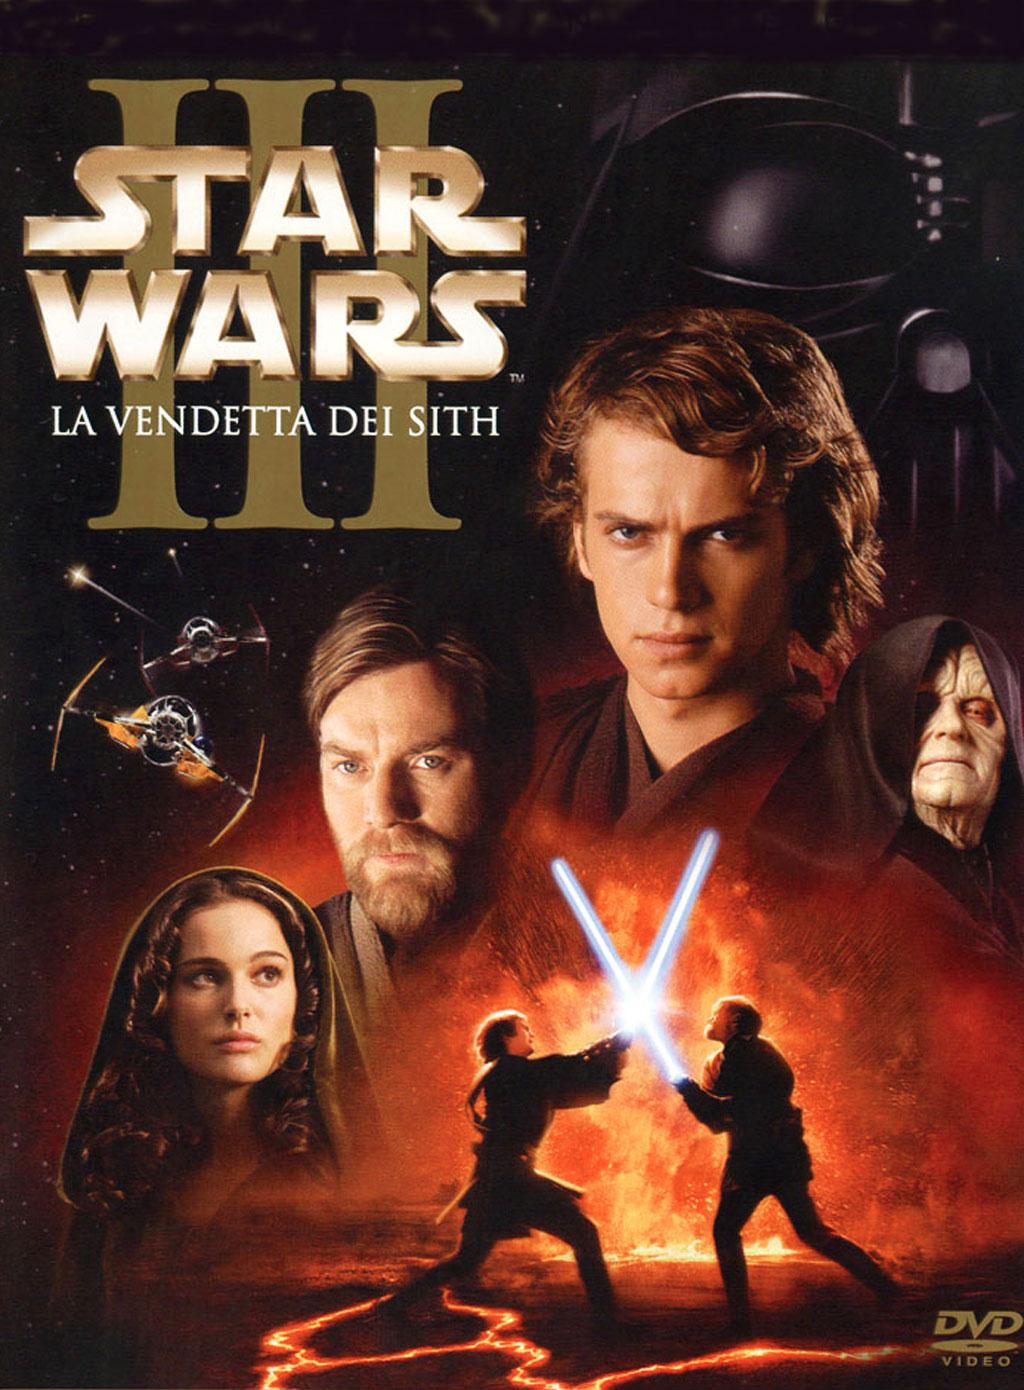 star wars - la vendetta dei sith